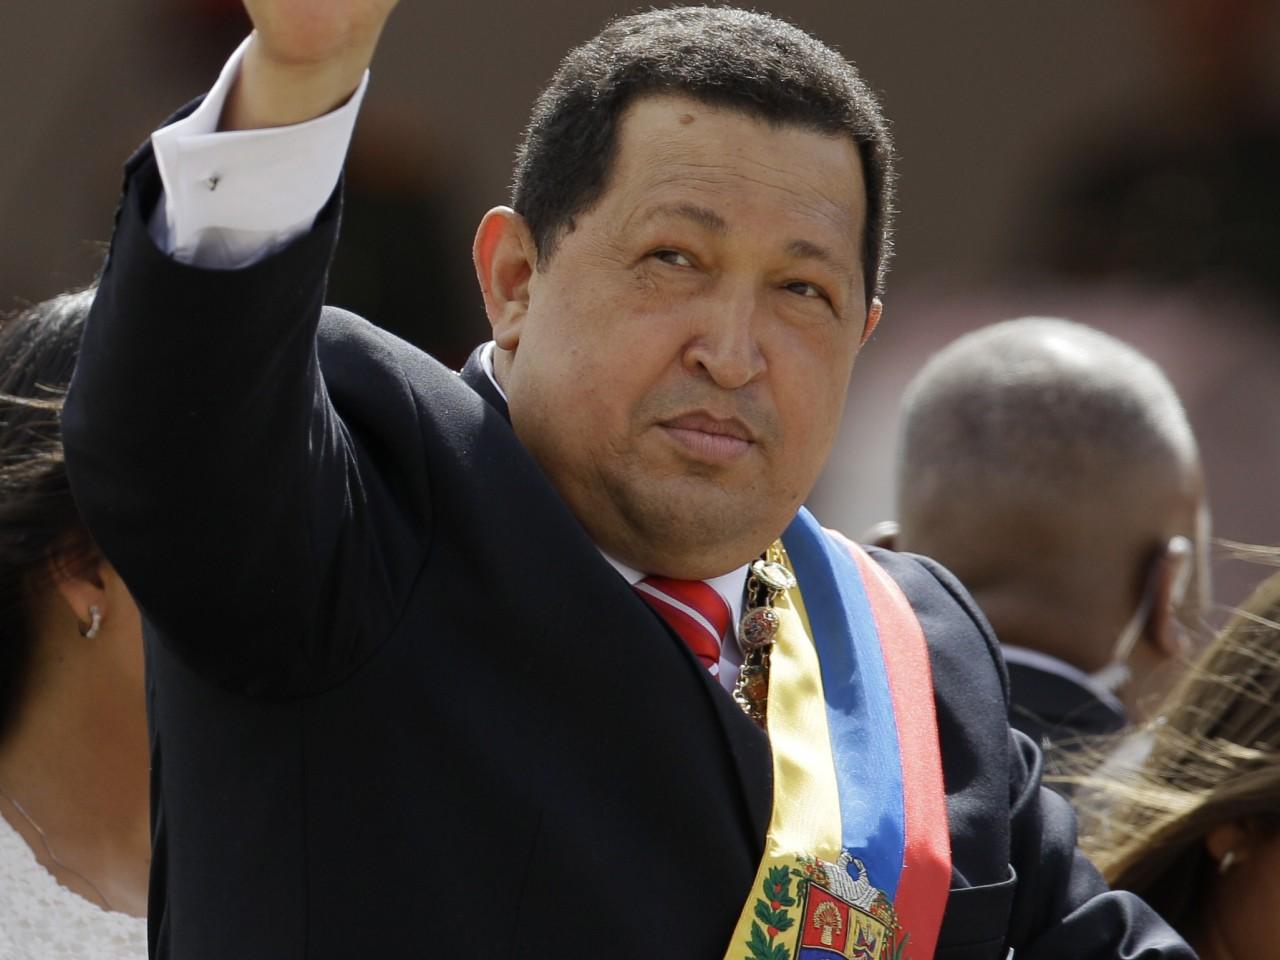 Madaxweynihii dalka Venezuela Hugo Chavez ayaa ku geeriyooday isbitaal ku yaal magaalada Caracas .